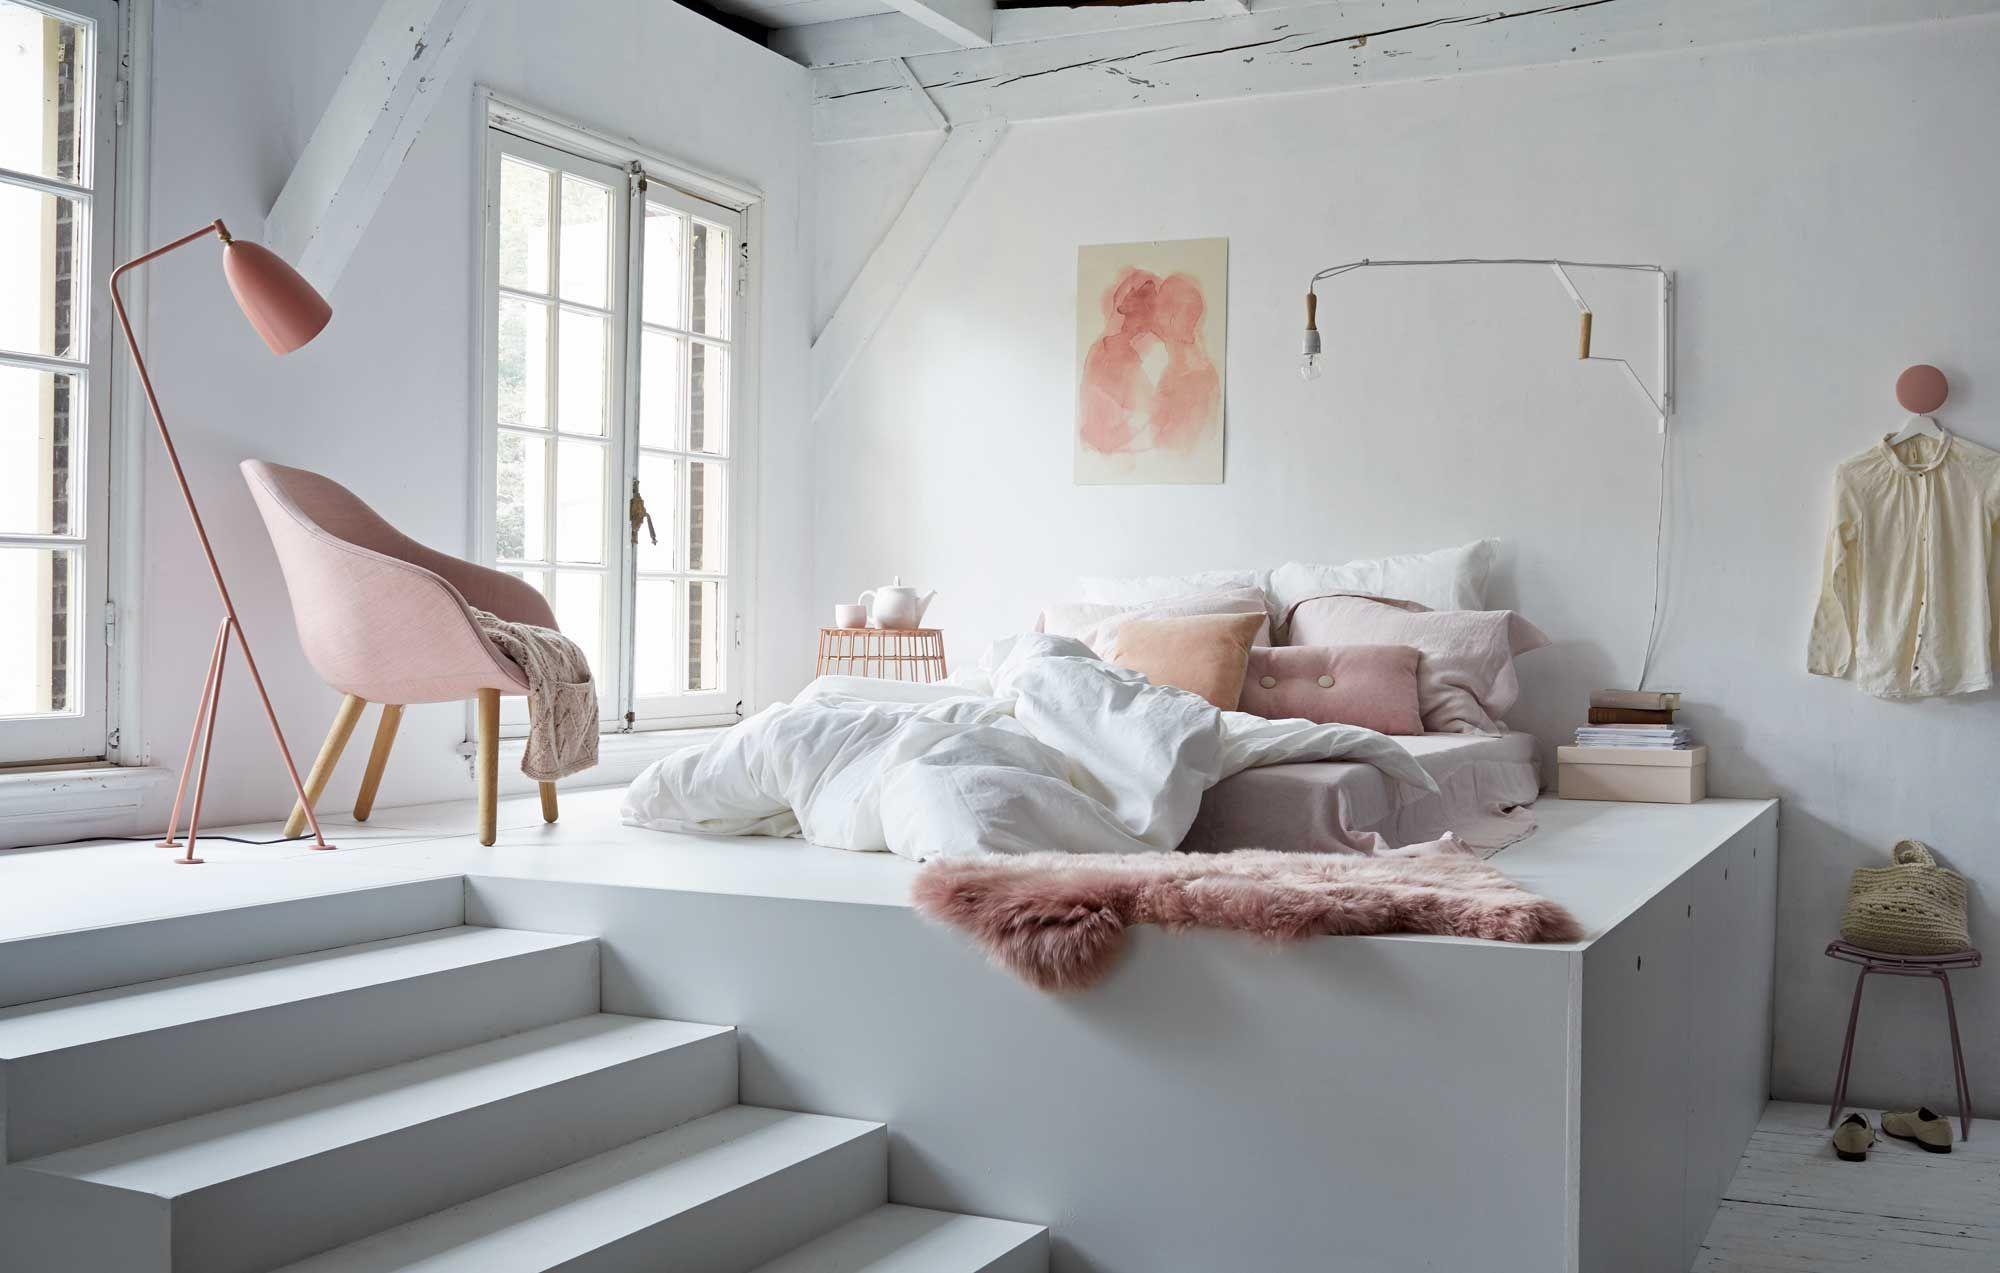 Im #Schlafzimmer ein Podest #Wohnidee | Schlafzimmer | Pinterest ...